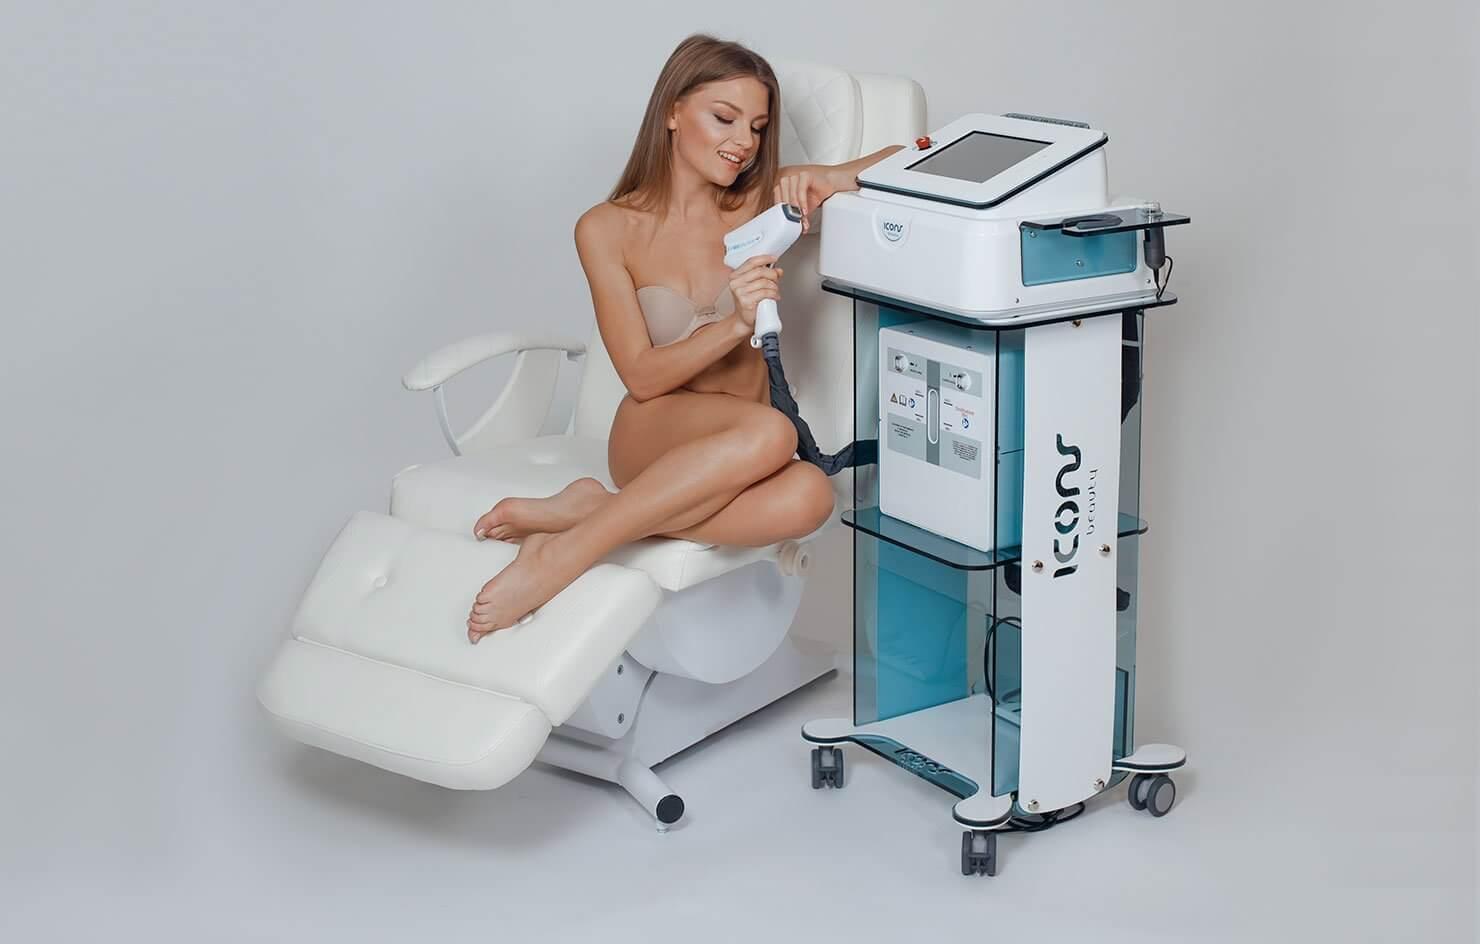 ICONS HD MATRIX диодный лазер